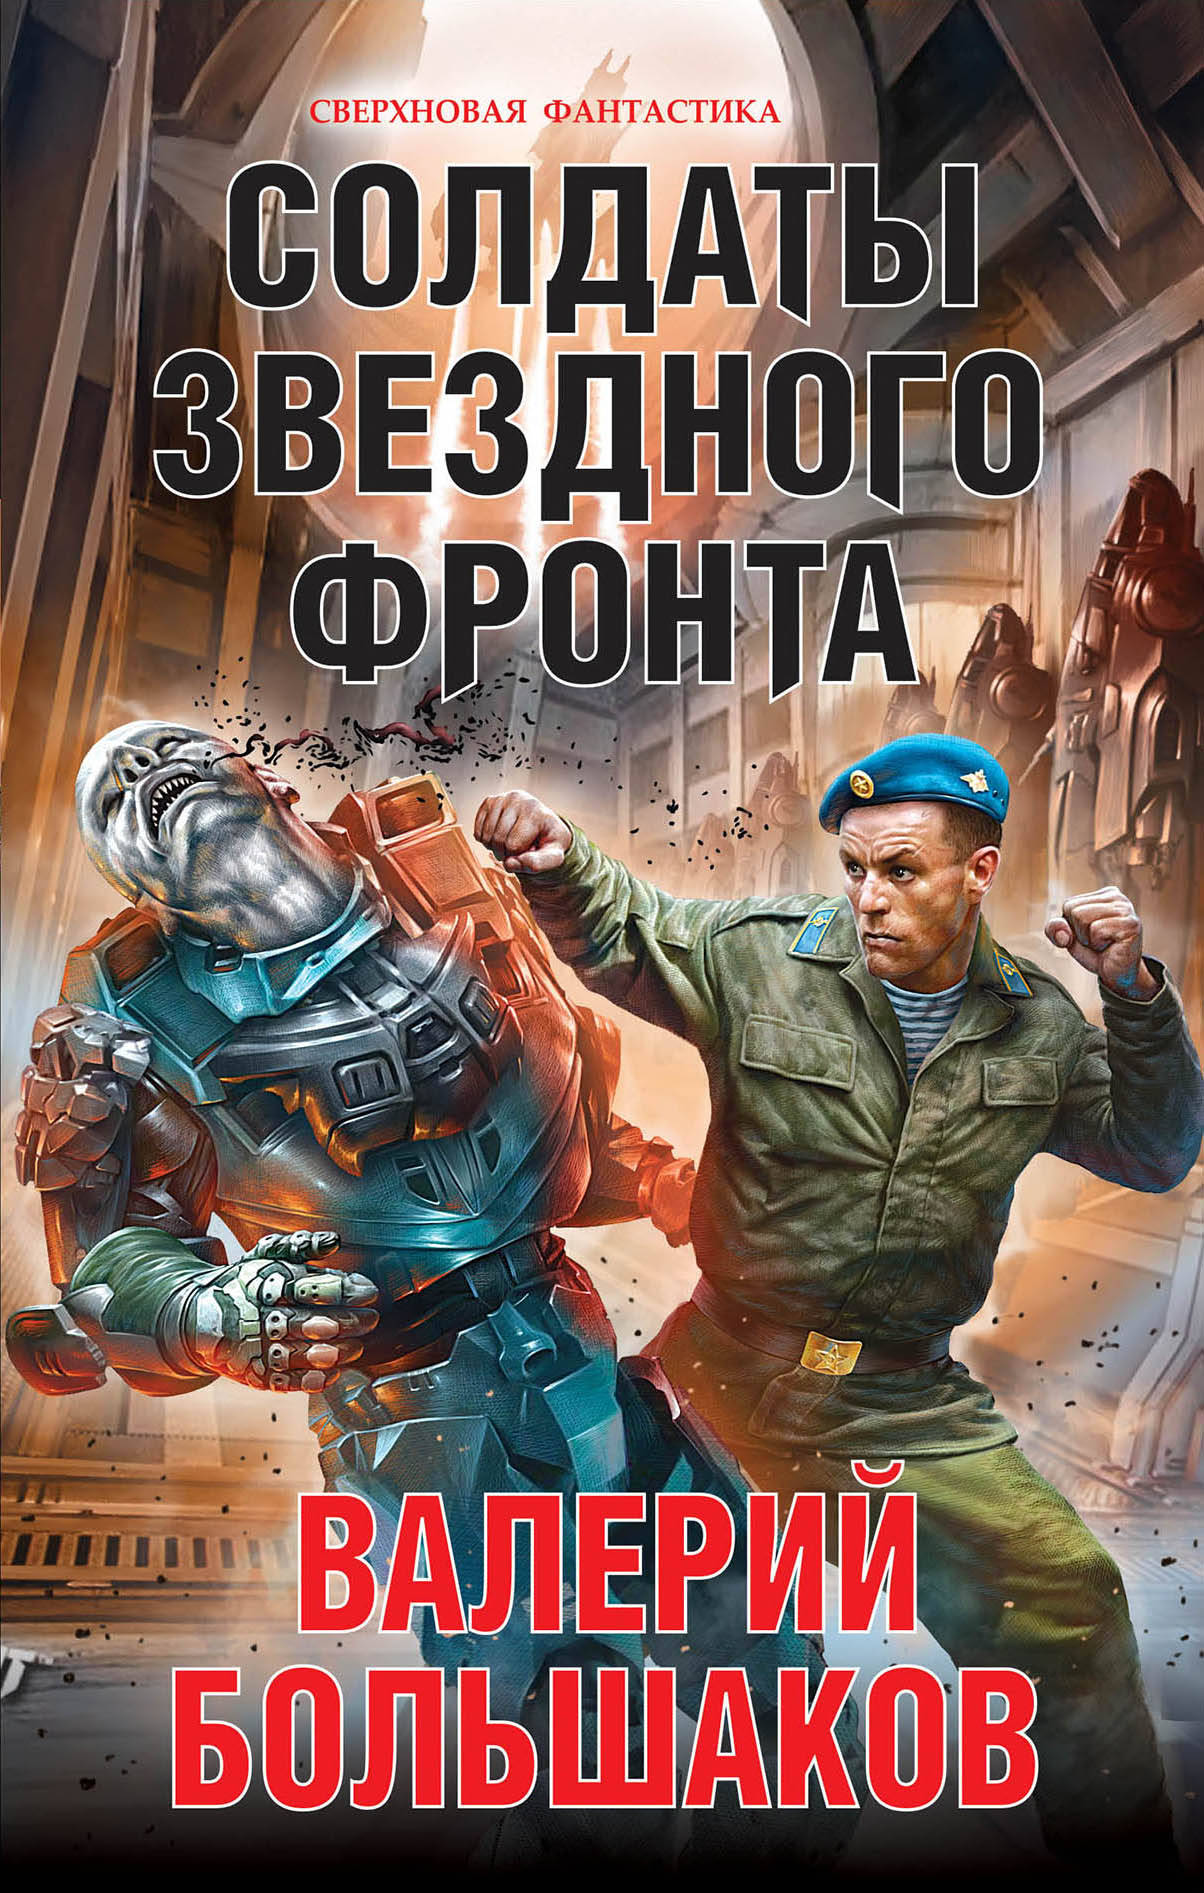 Валерий Большаков Солдаты звездного фронта шейко максим идут по красной площади солдаты группы центр победа или смерть